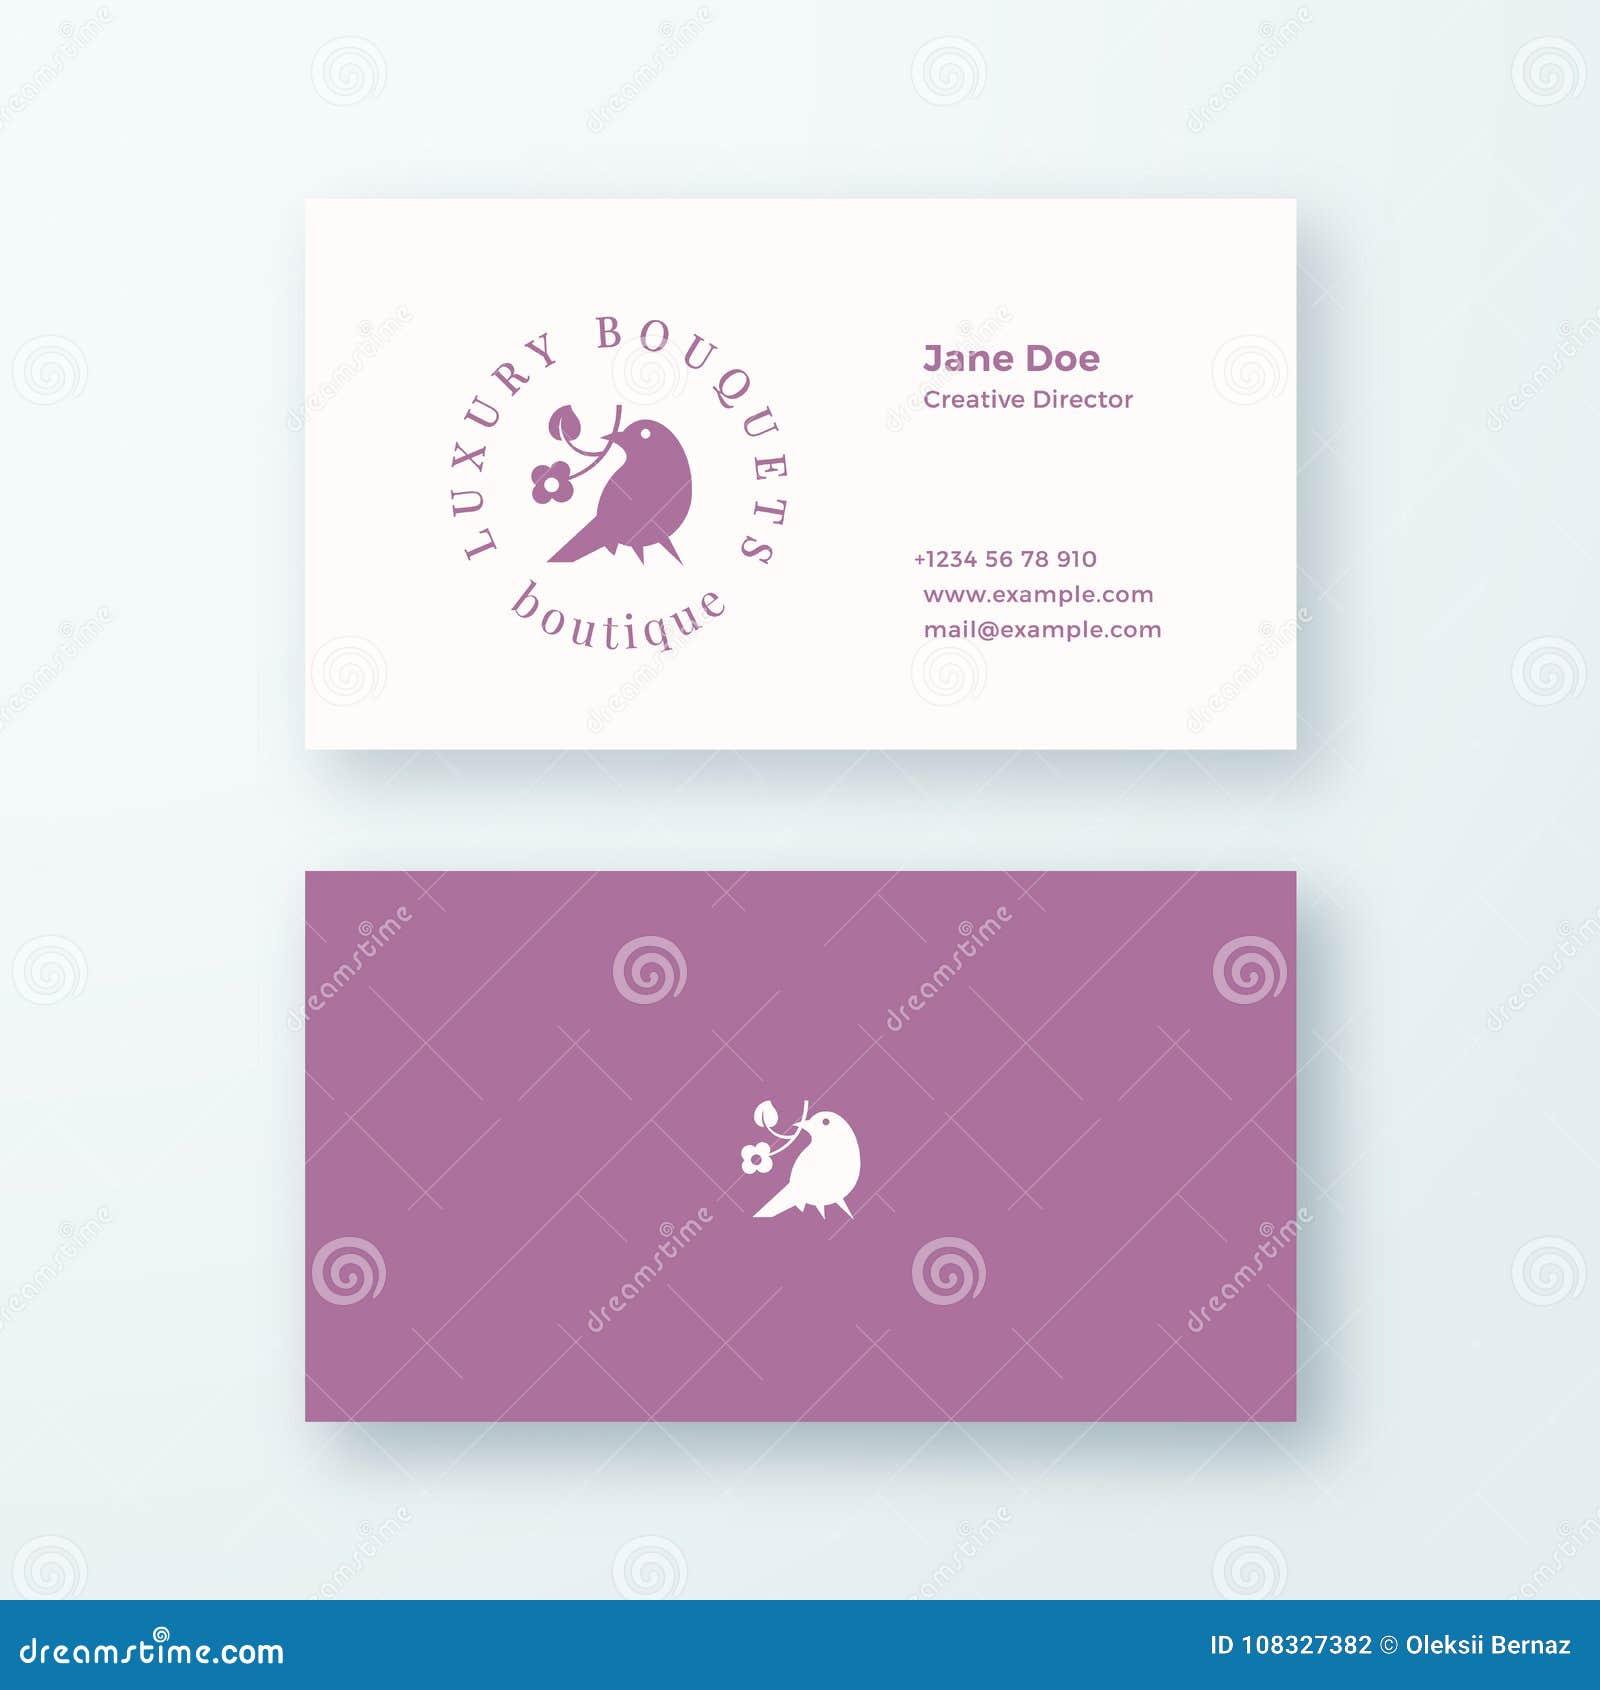 Signe De Vecteur Ou Calibre Feminins Abstraits Carte Visite Professionnelle Logo Et Moquerie Realiste Stationnaire La Meilleure